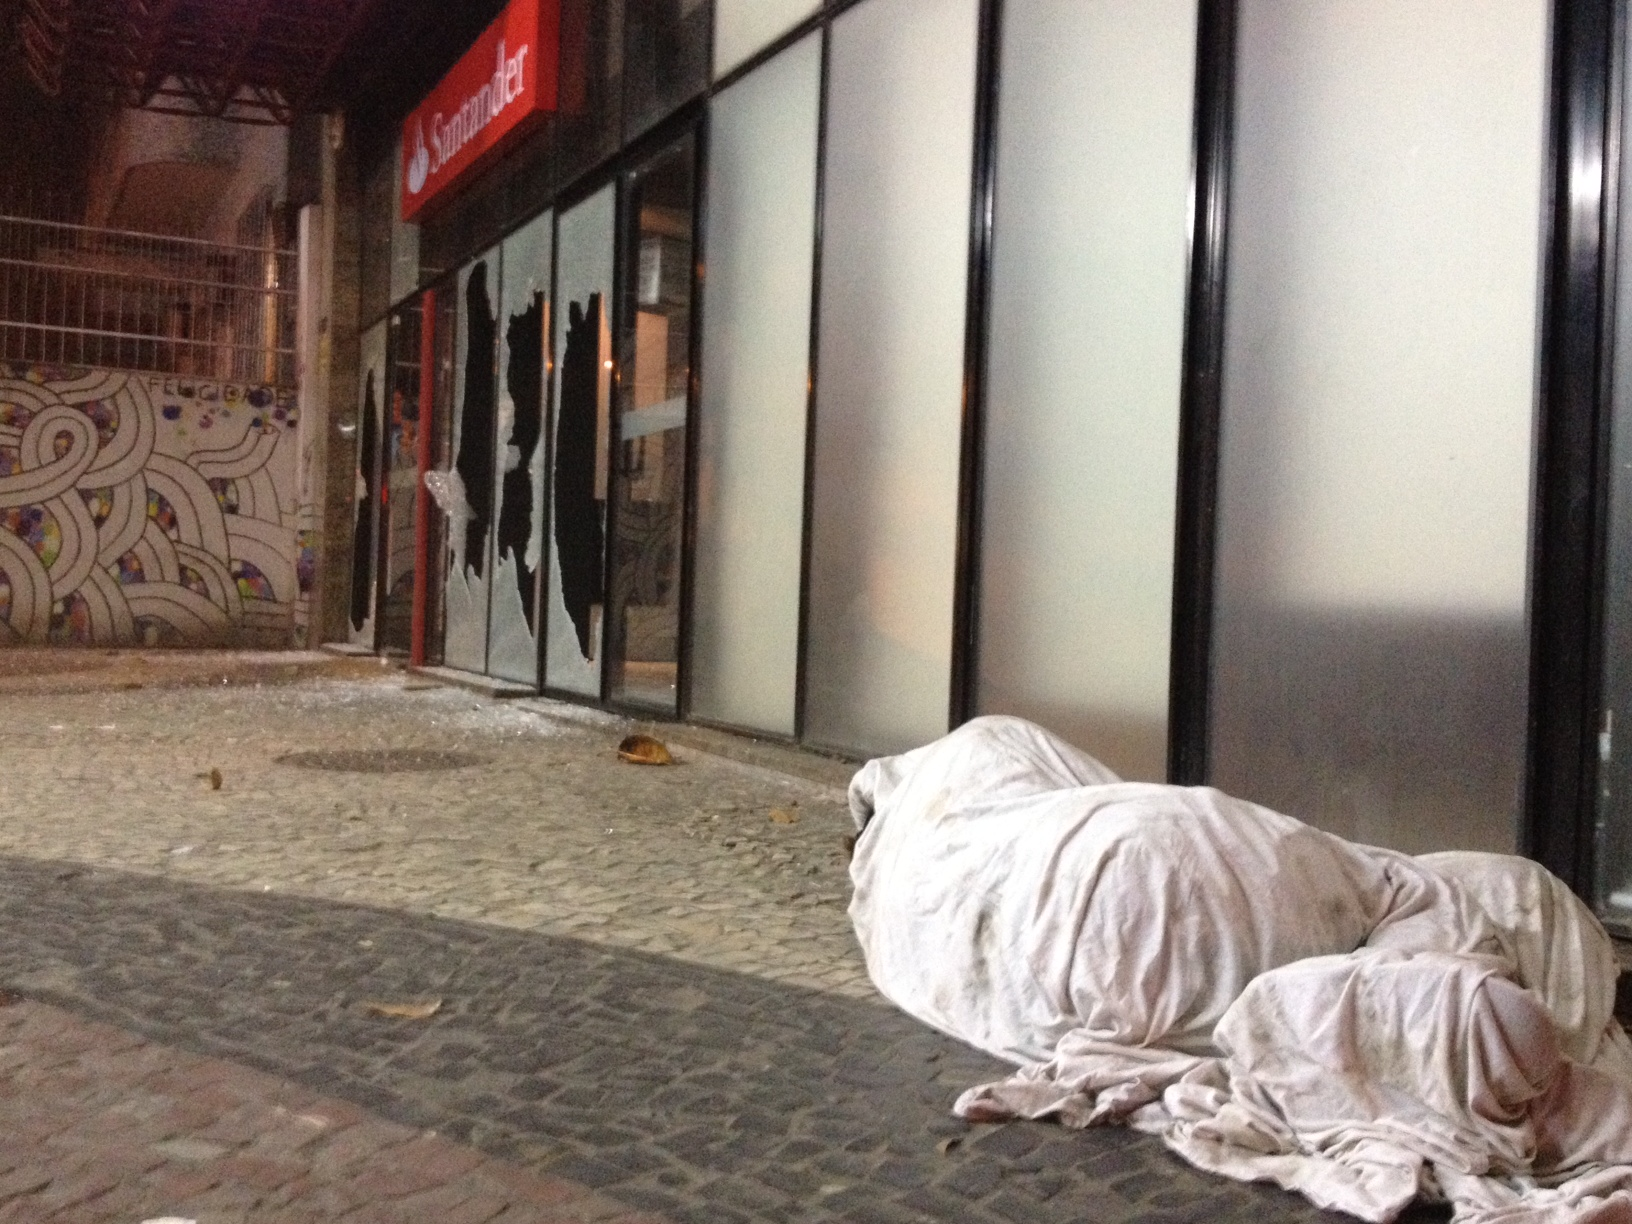 Mendigo dorme em rua onde banco teve vidraças quebradas